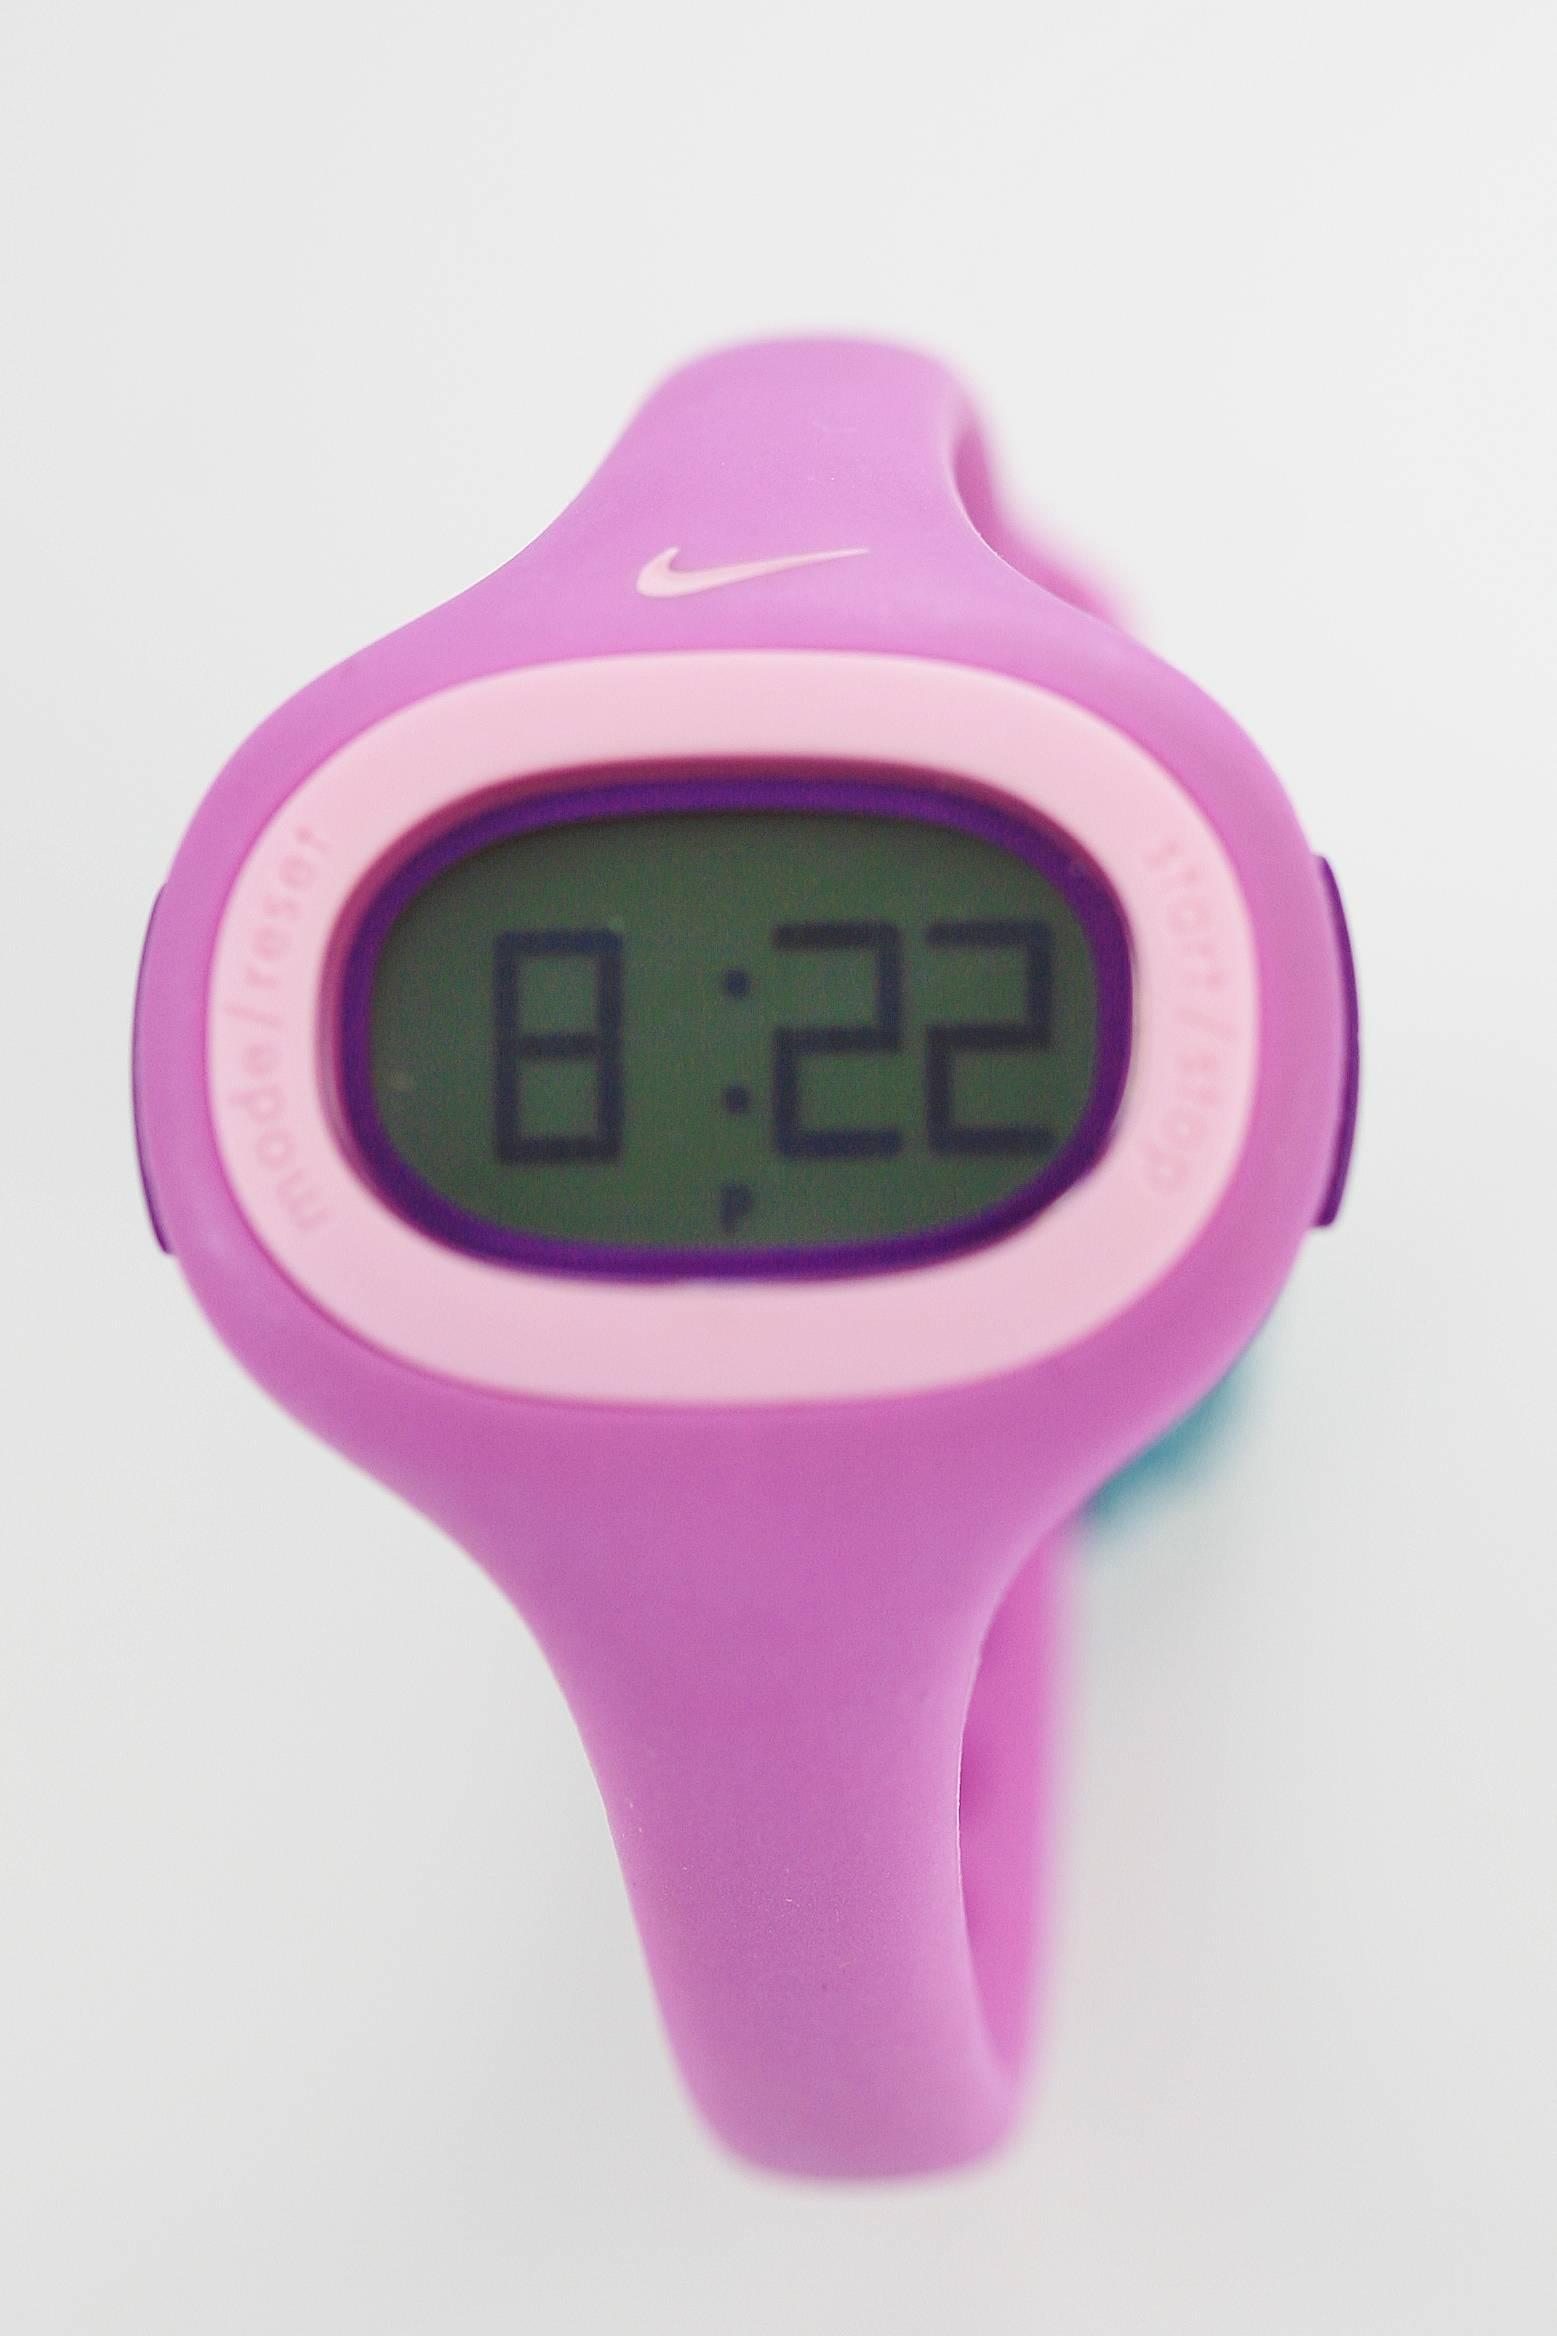 a7da7c567913 Detalles acerca de Reloj Deportivo Nike Spree Púrpura Rosa lectura fácil  día fecha 50m Wr Crono Pequeño WK0014- mostrar título original